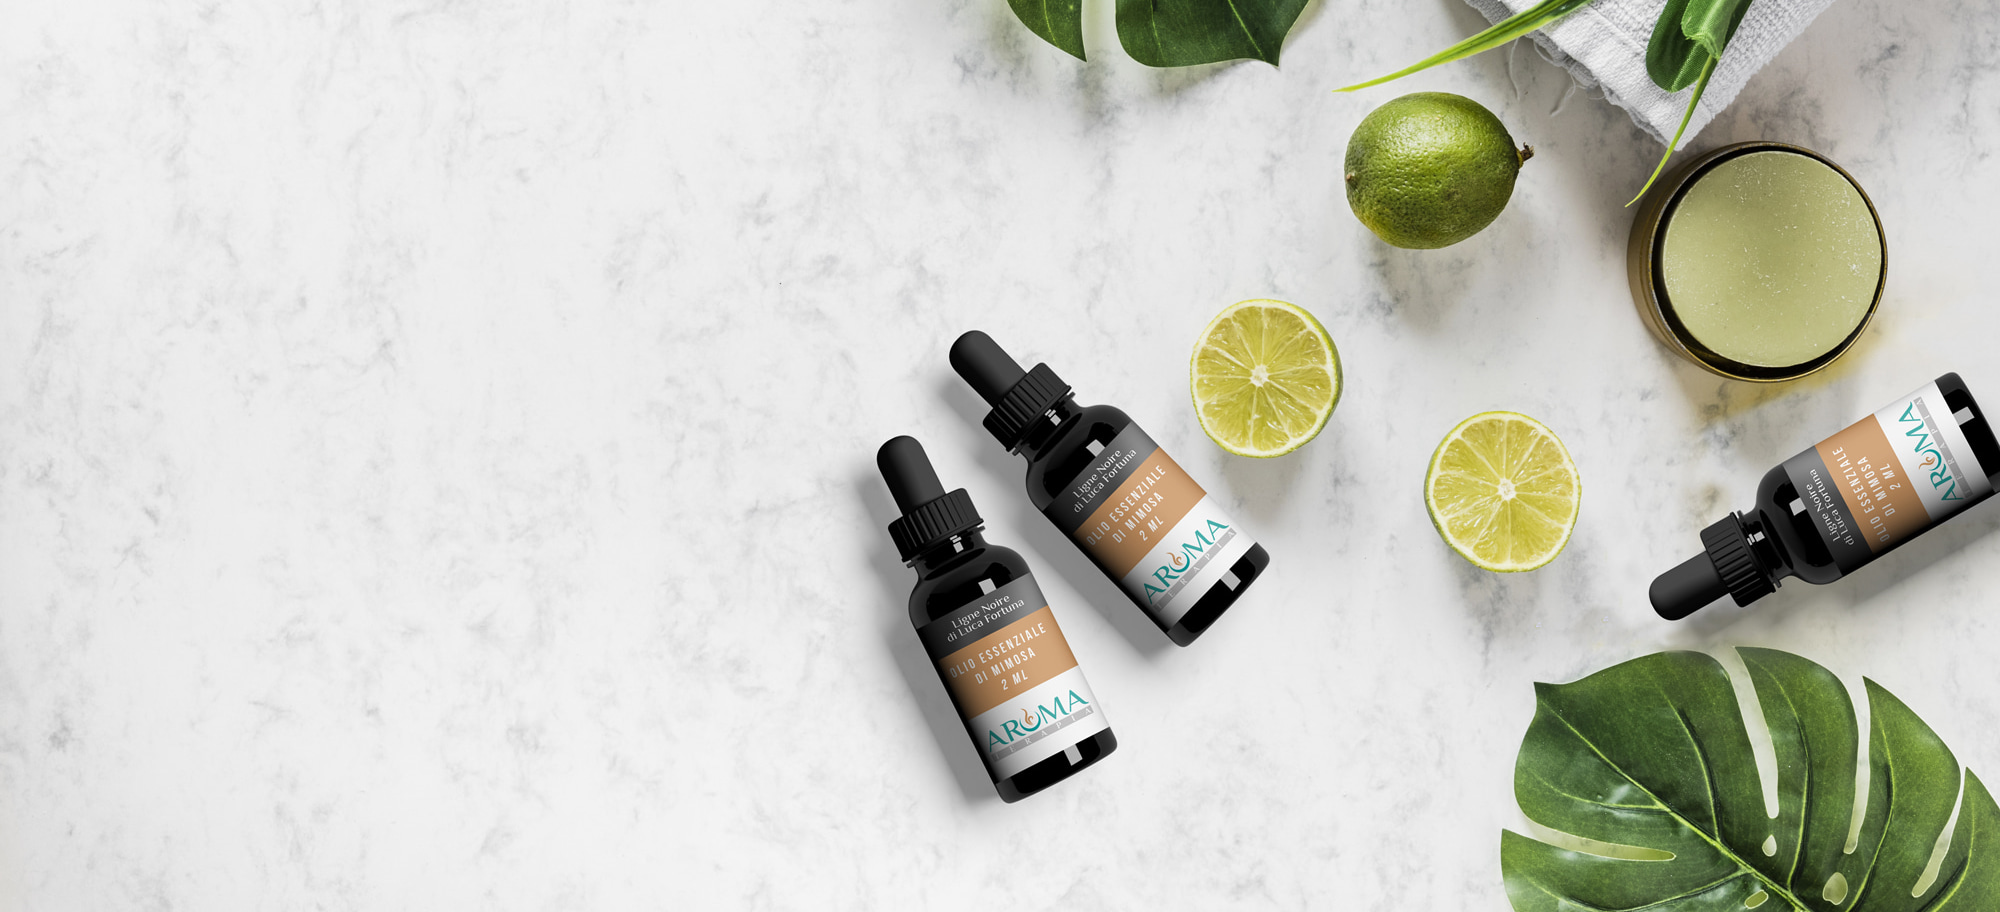 Aromaterapia, oli essenziali per il tuo benessere